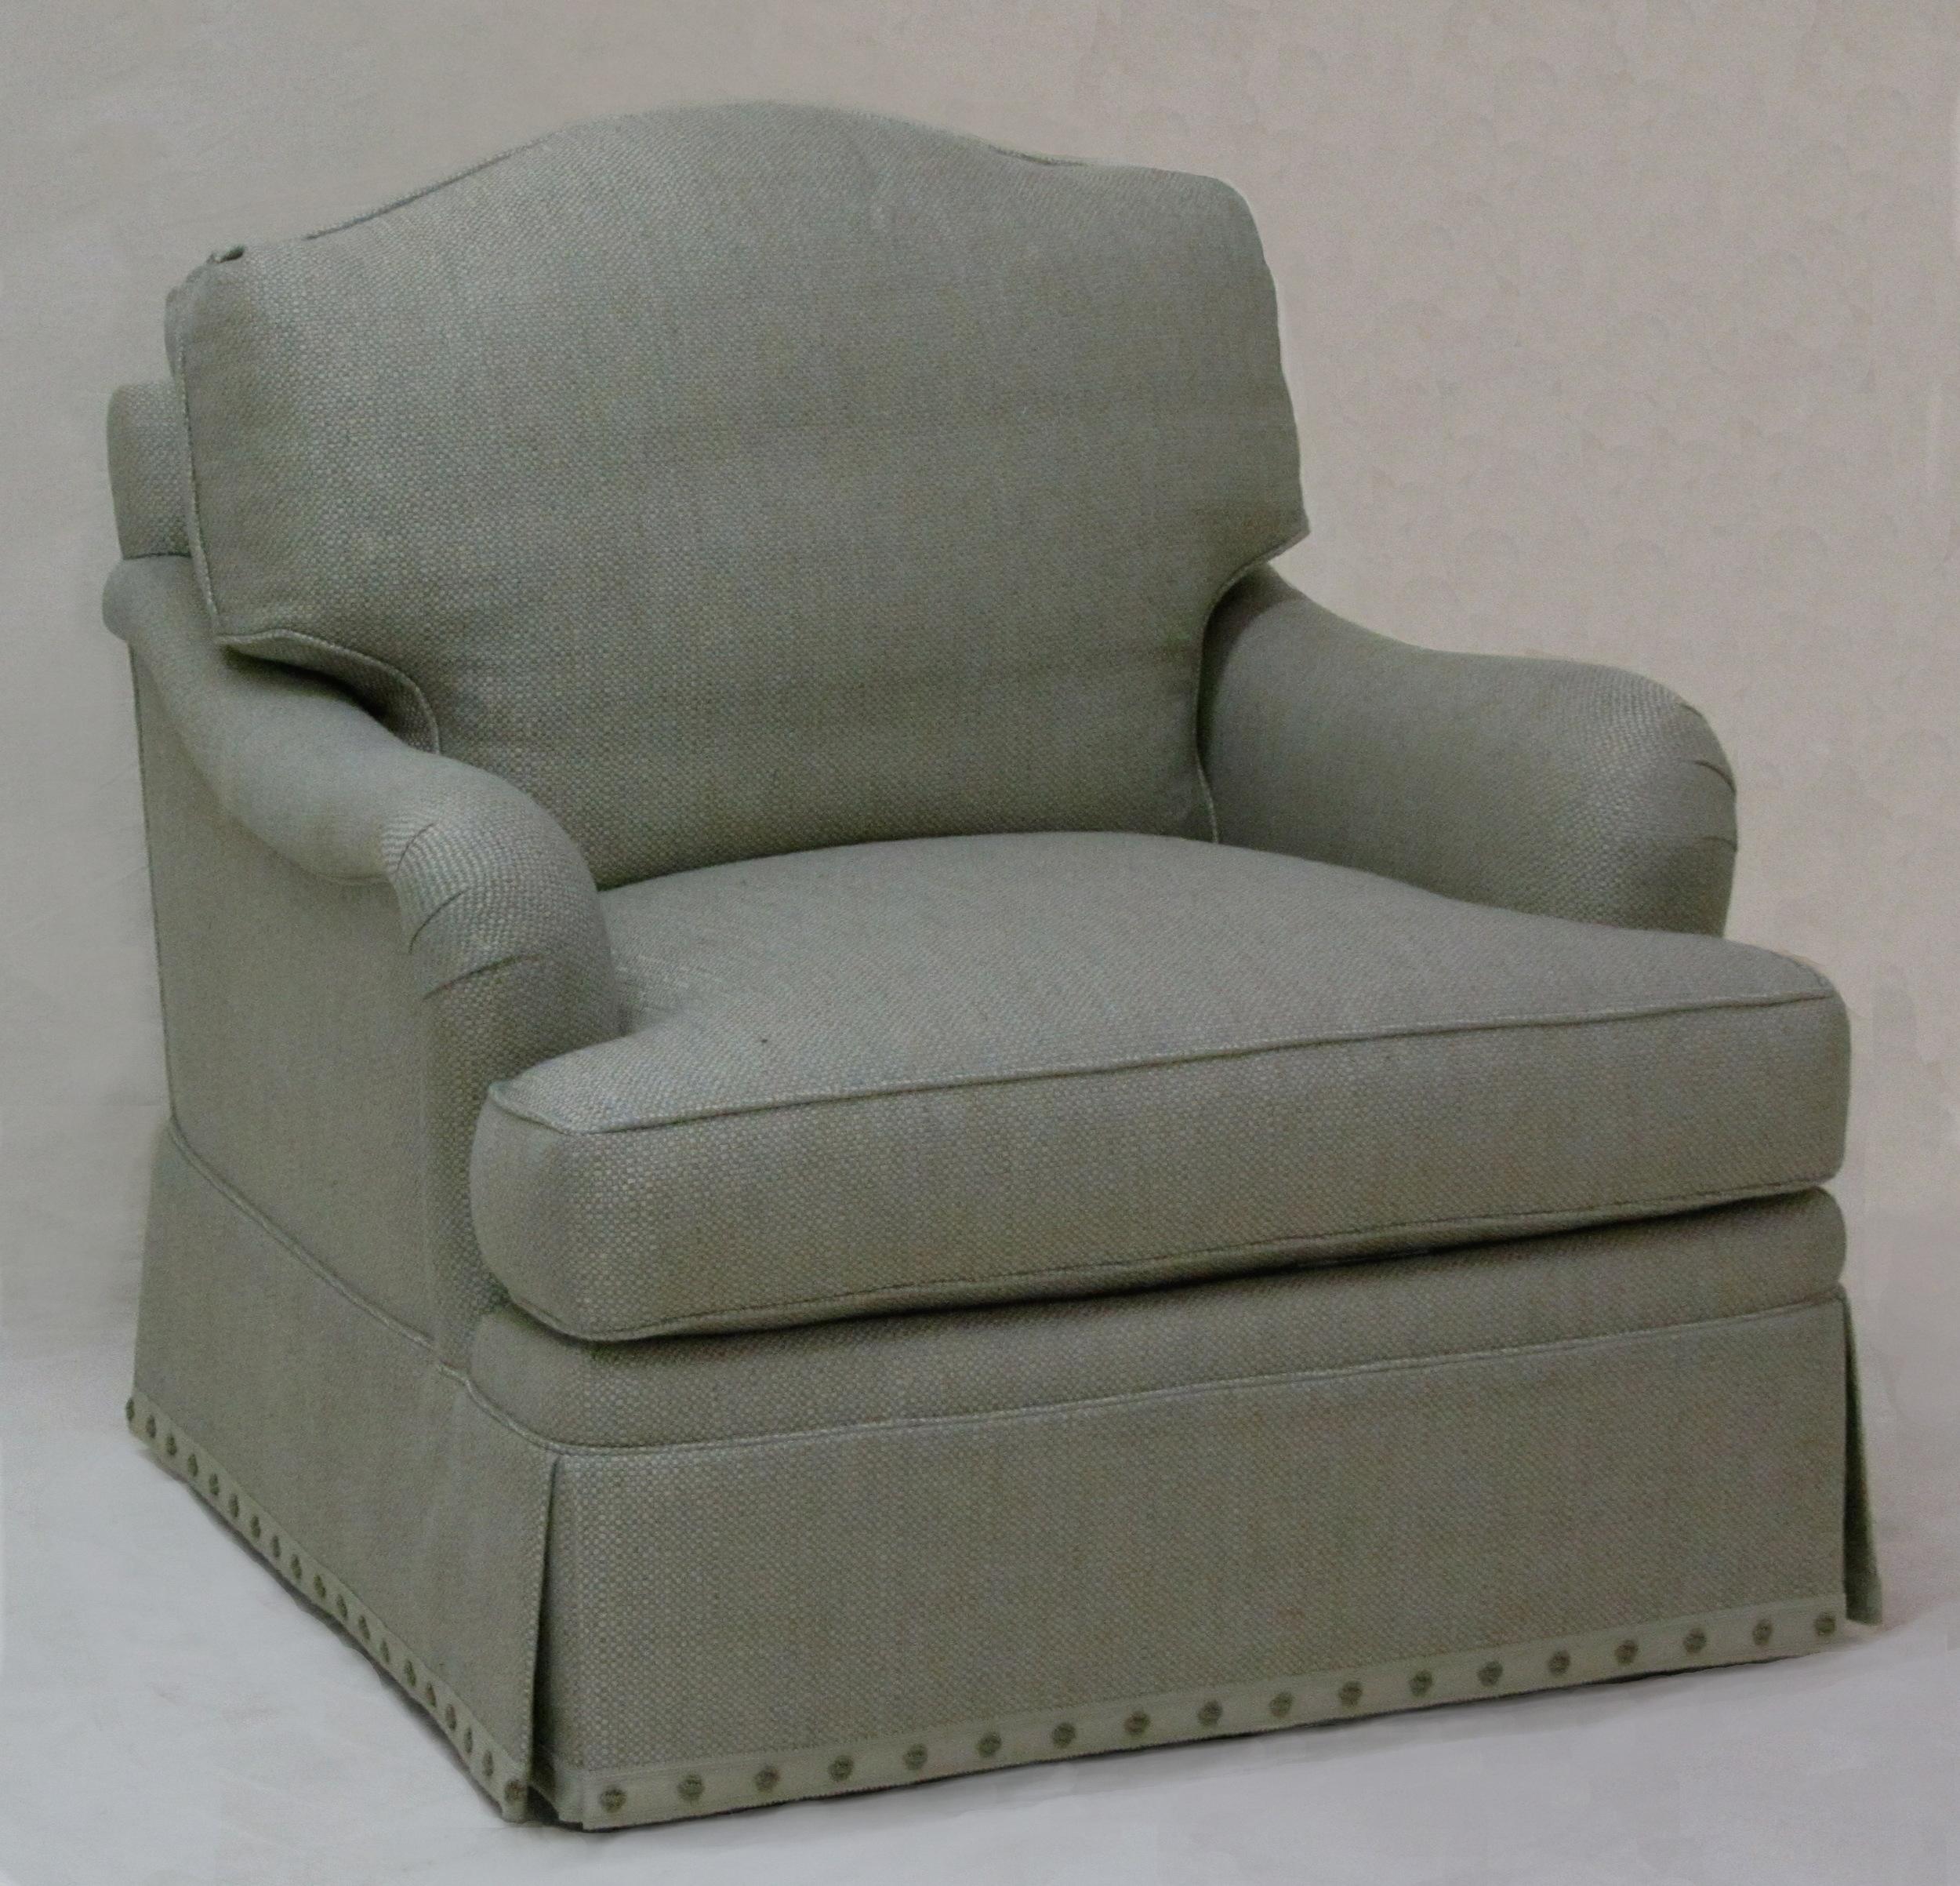 553 lounge chair